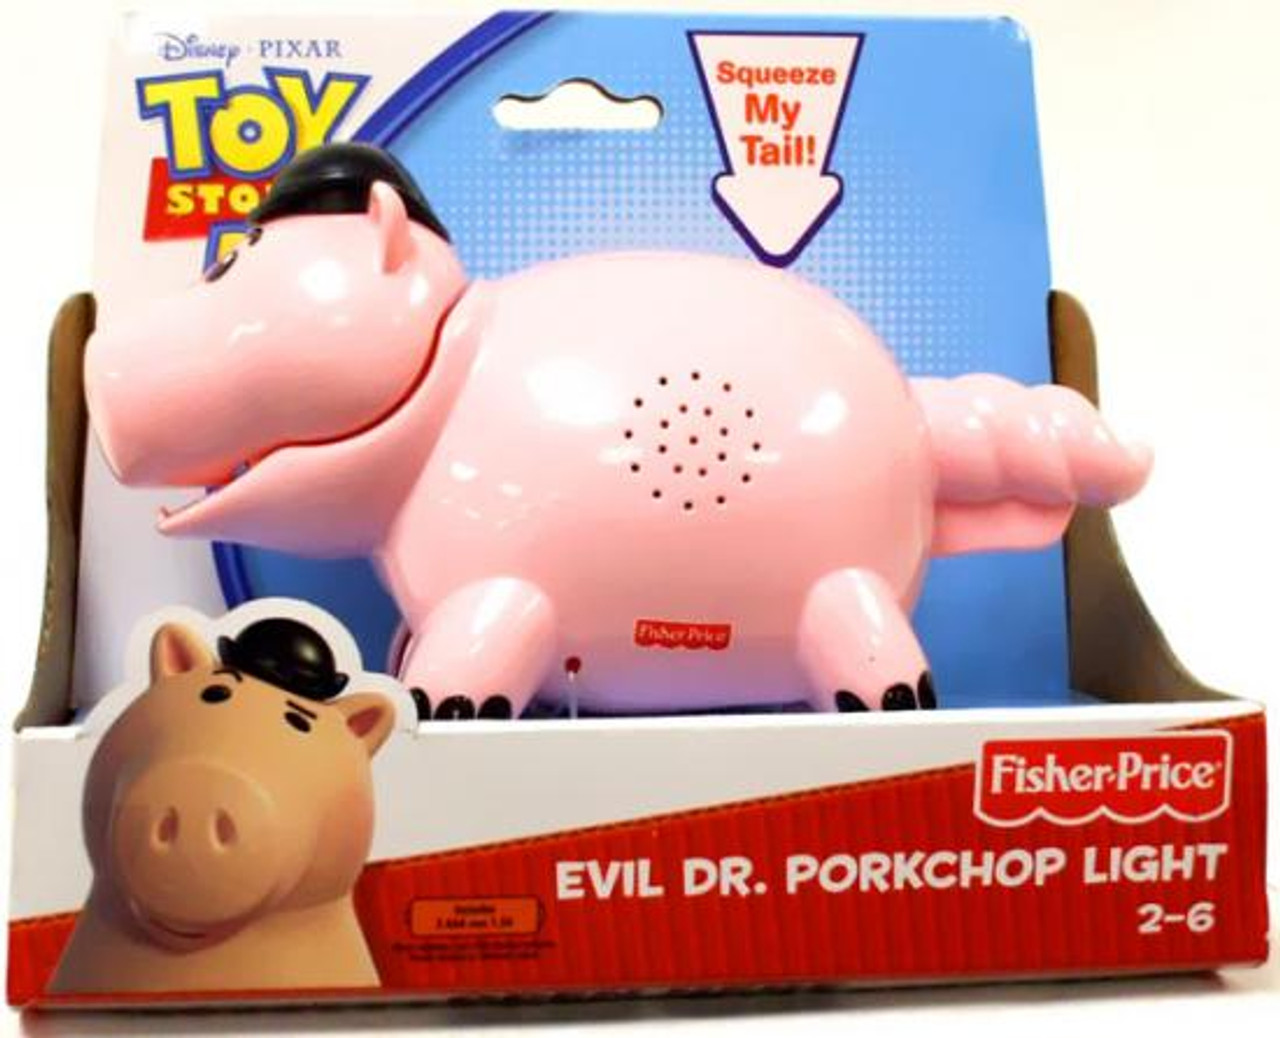 Fisher Price Toy Story 3 Evil Dr. Porkchop Light